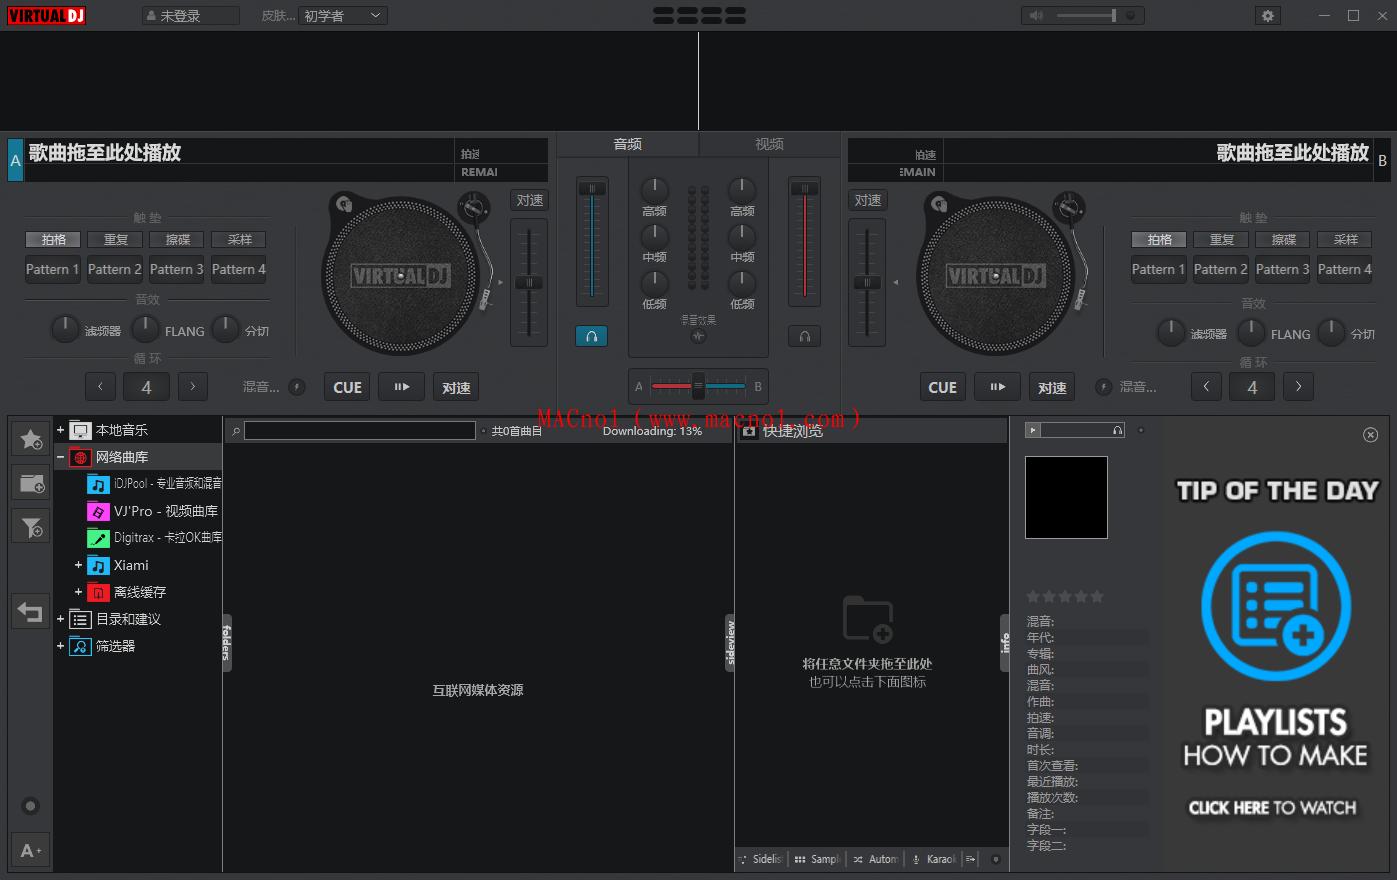 DJ混音软件 VirtualDJ Pro 2020 Infinity v8.4.5 中文破解版(附注册机)